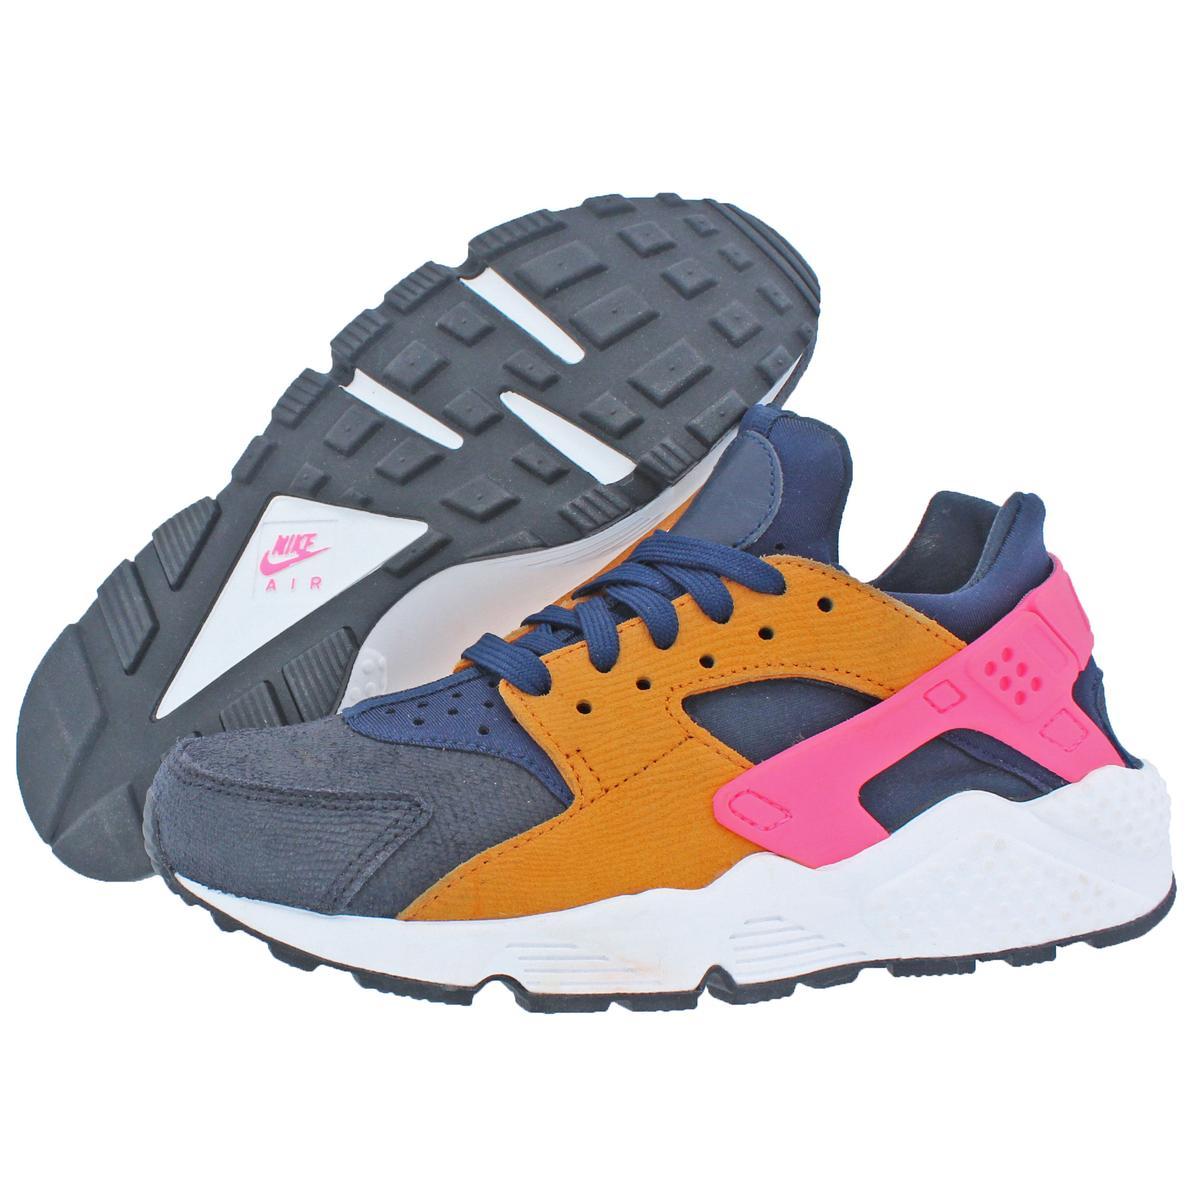 Nike Damenschuhe Air Huarache Run Premium Comfort Fashion Sneakers Schuhes BHFO 6362